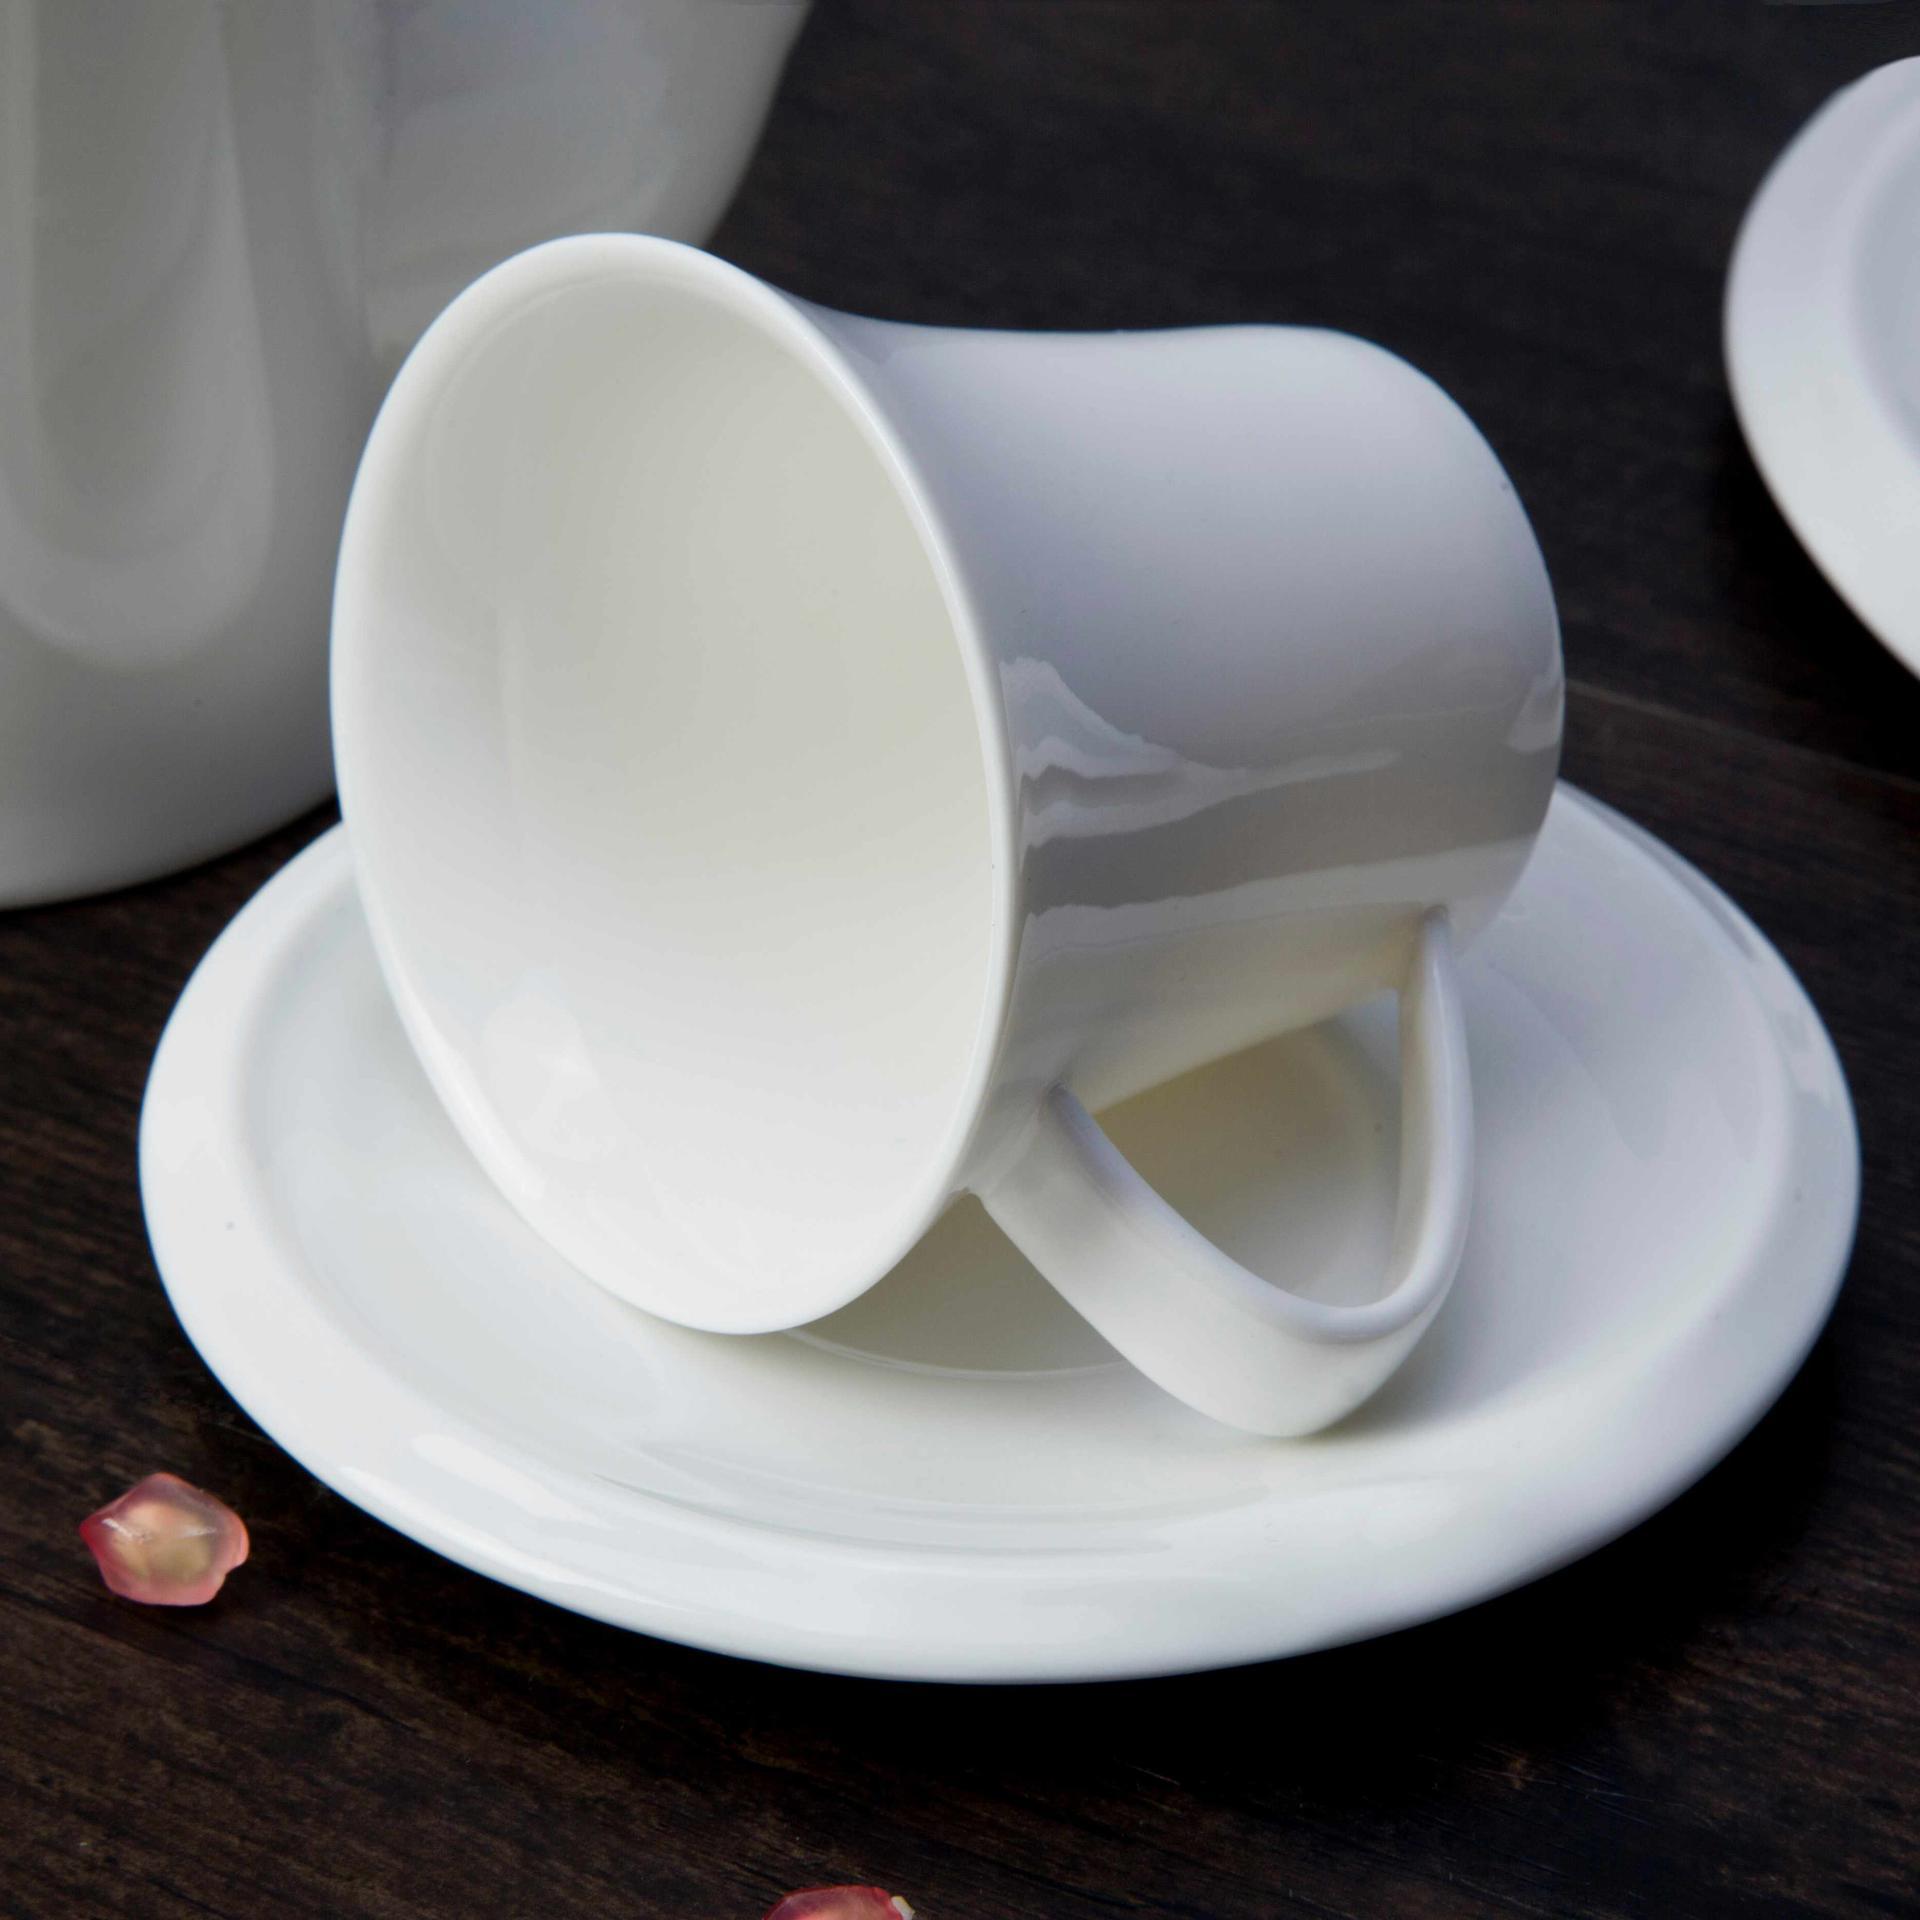 12 piece restaurant white porcelain dinner plates bulk - TW26